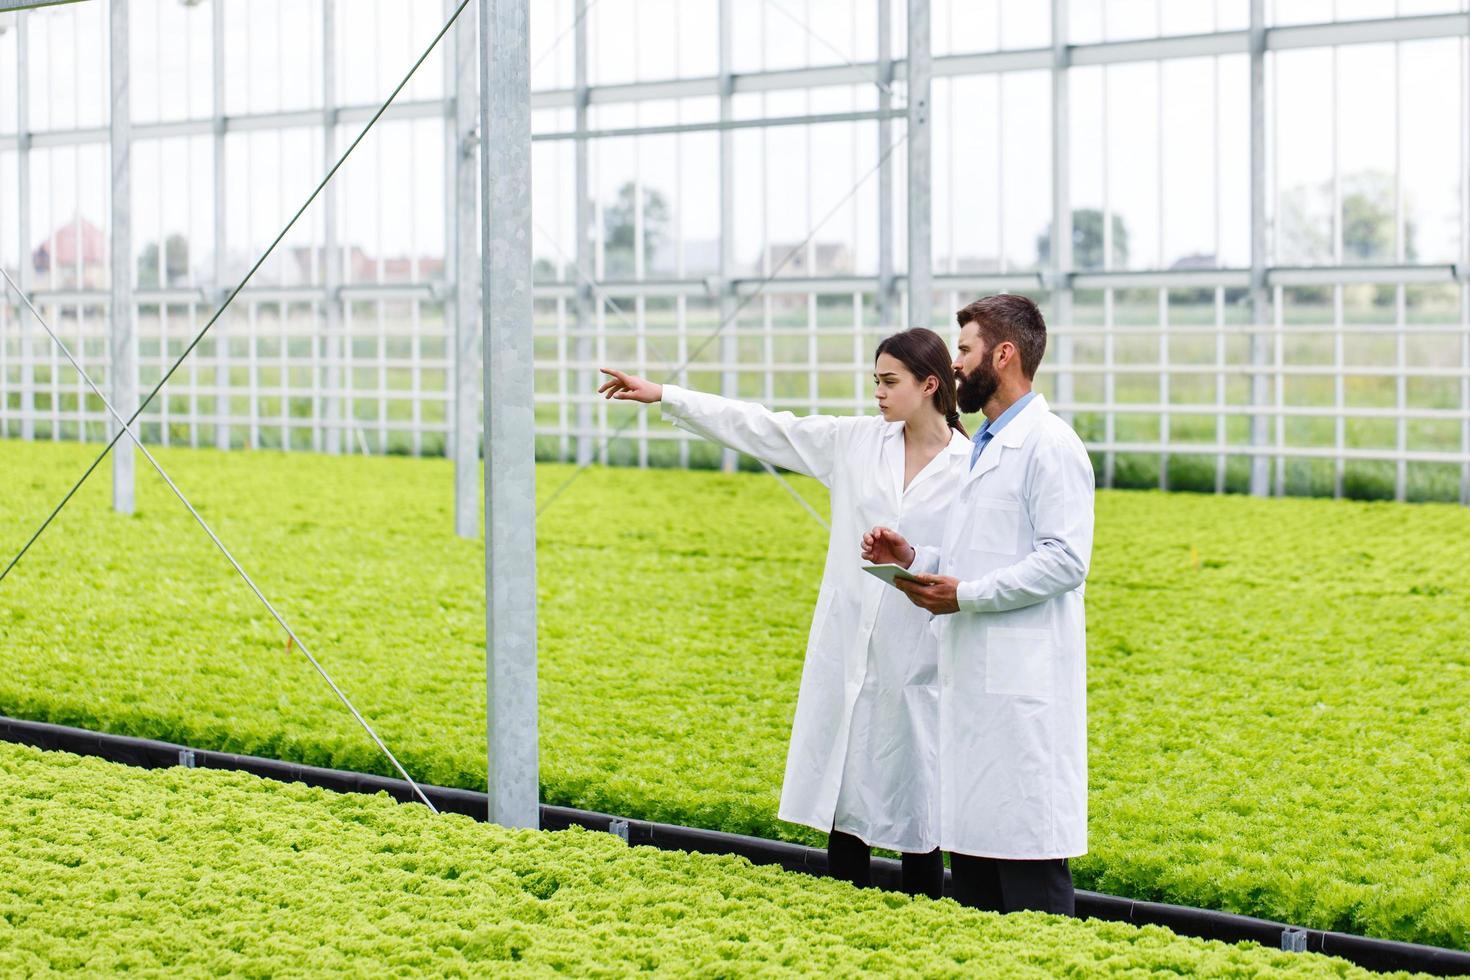 twee onderzoeken man en vrouw onderzoeken groen met een tablet in een geheel witte kas foto